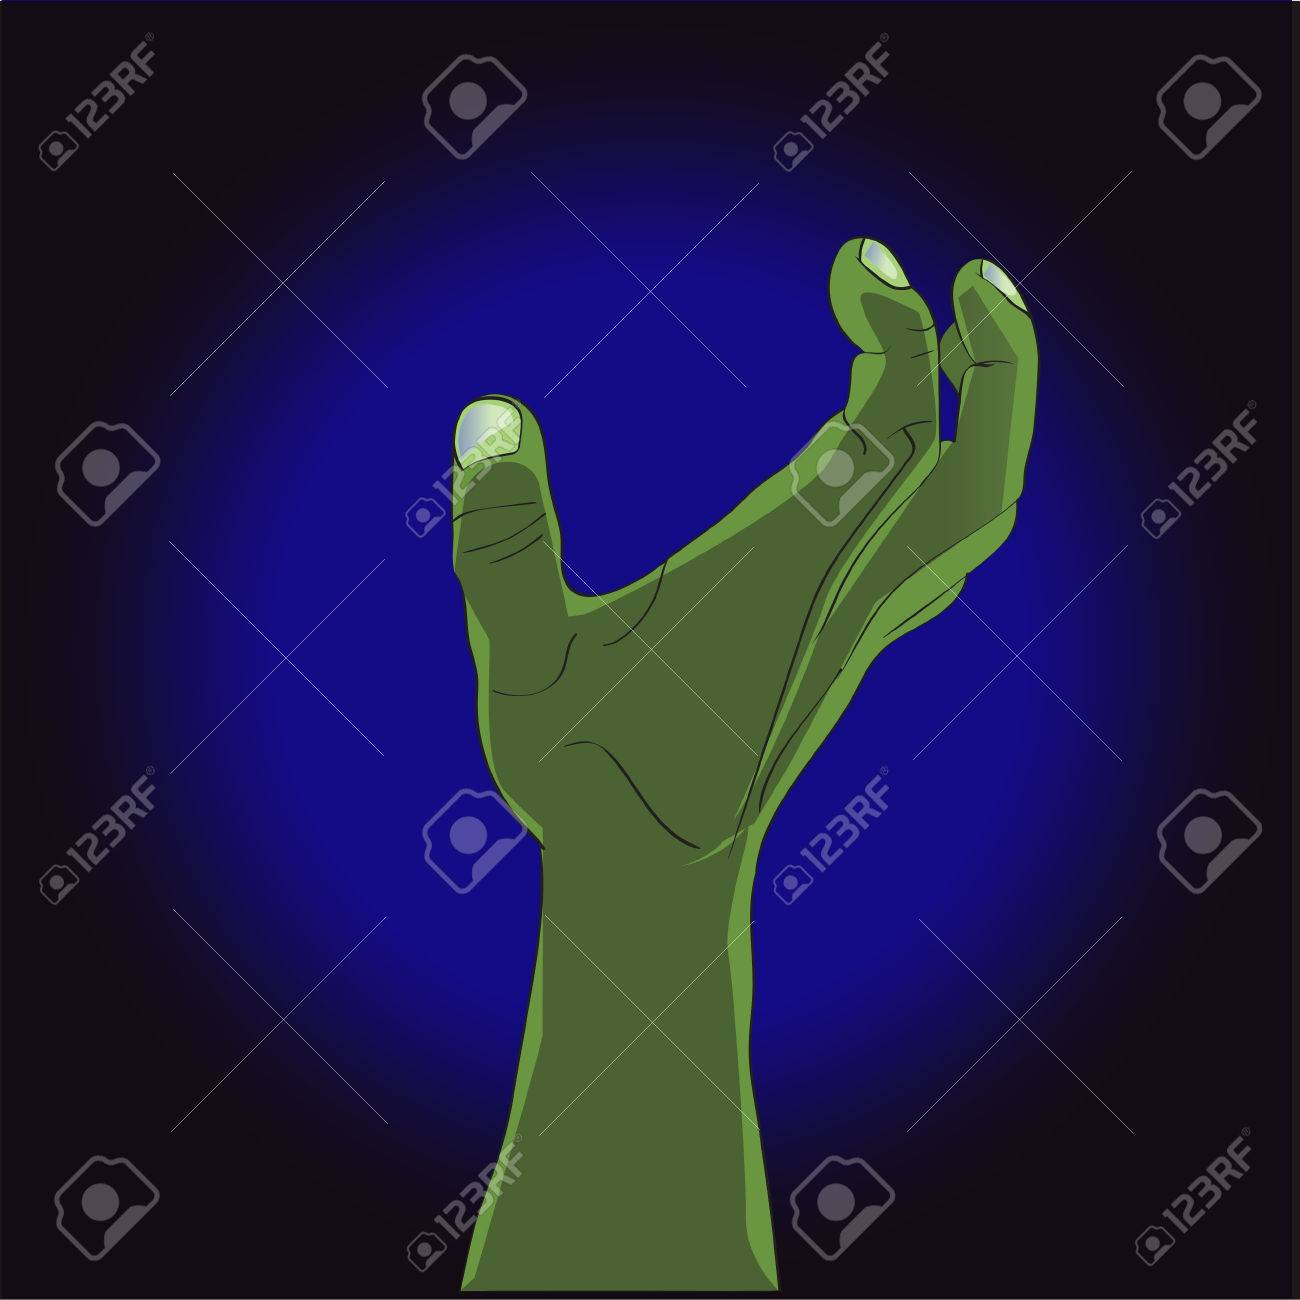 Las Manos De Zombies De Dibujos Animados. Vector Ilustración De ...